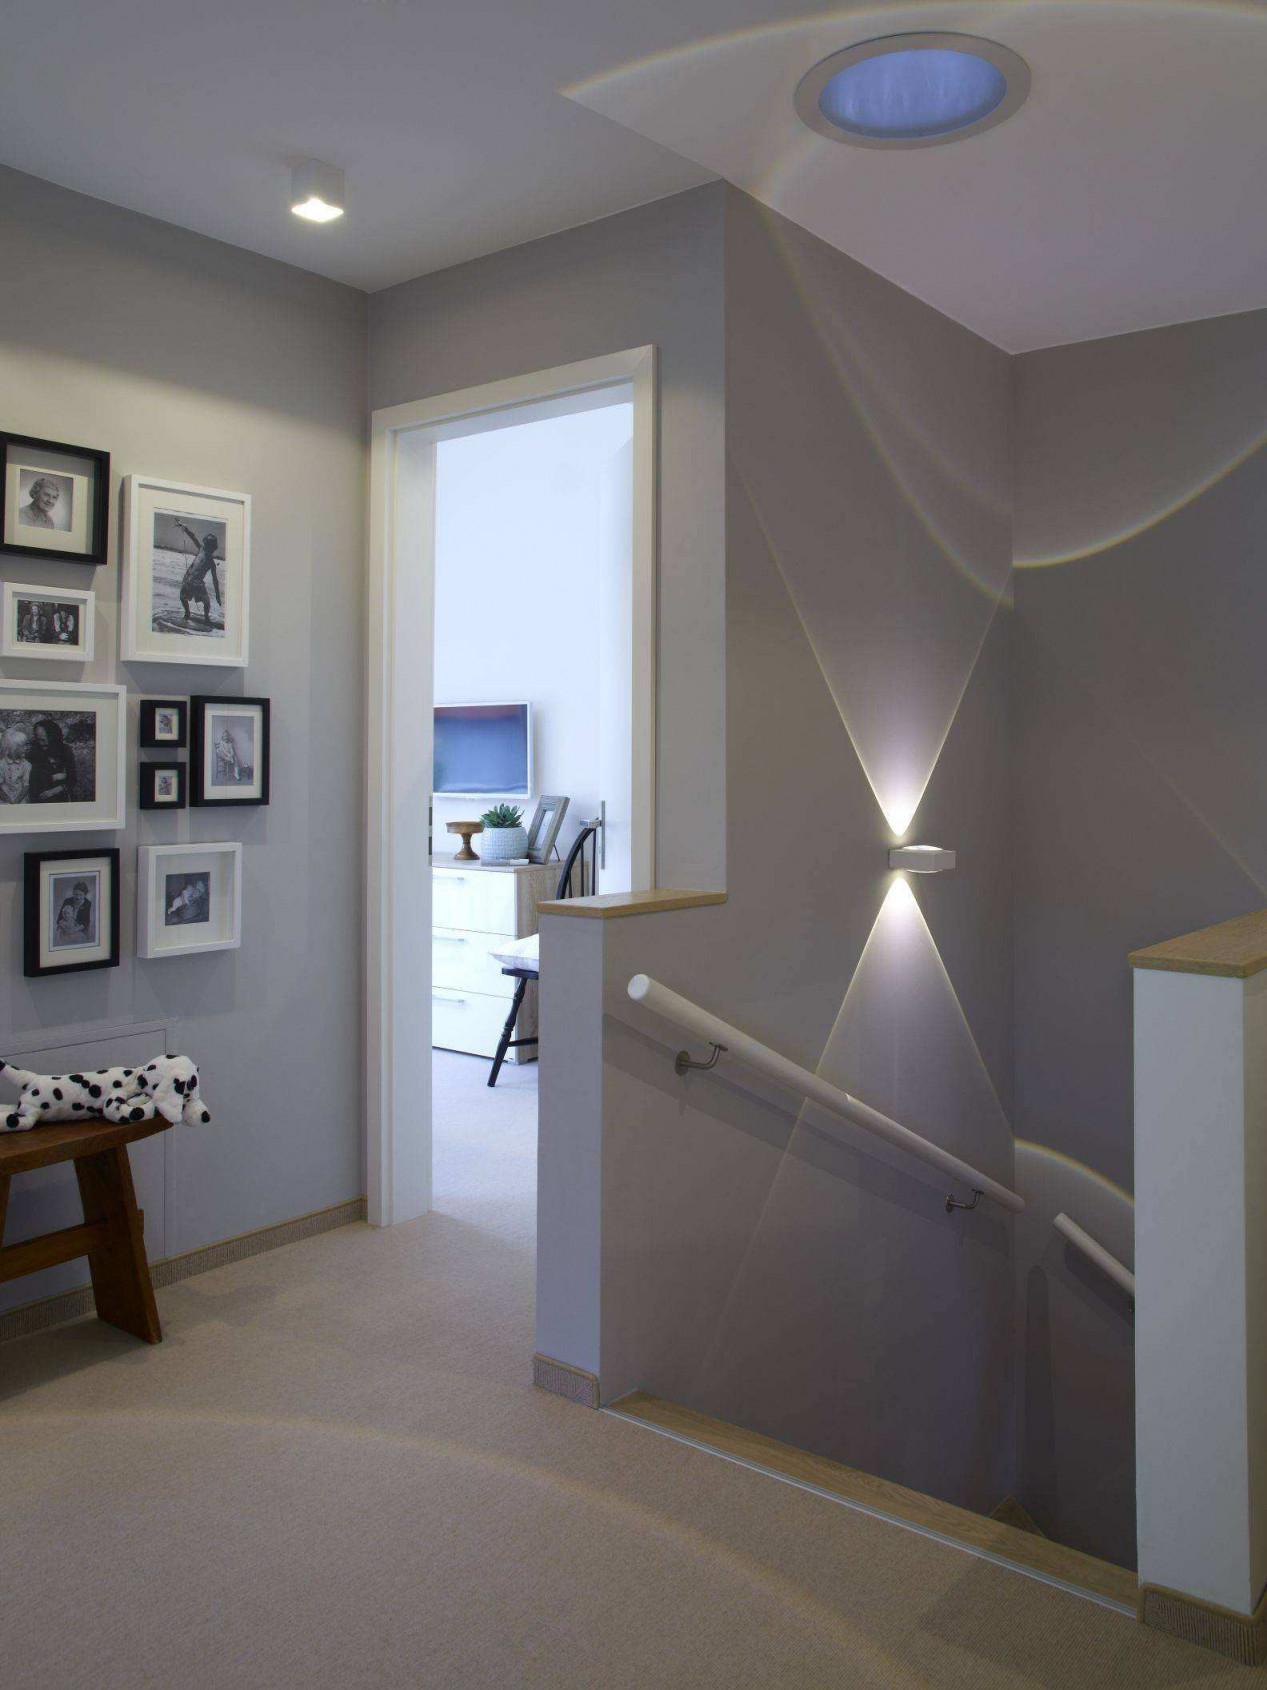 Kleine Wohnung Einrichten Ideen Elegant Einrichten Kleine von Wohnzimmer Elegant Einrichten Bild